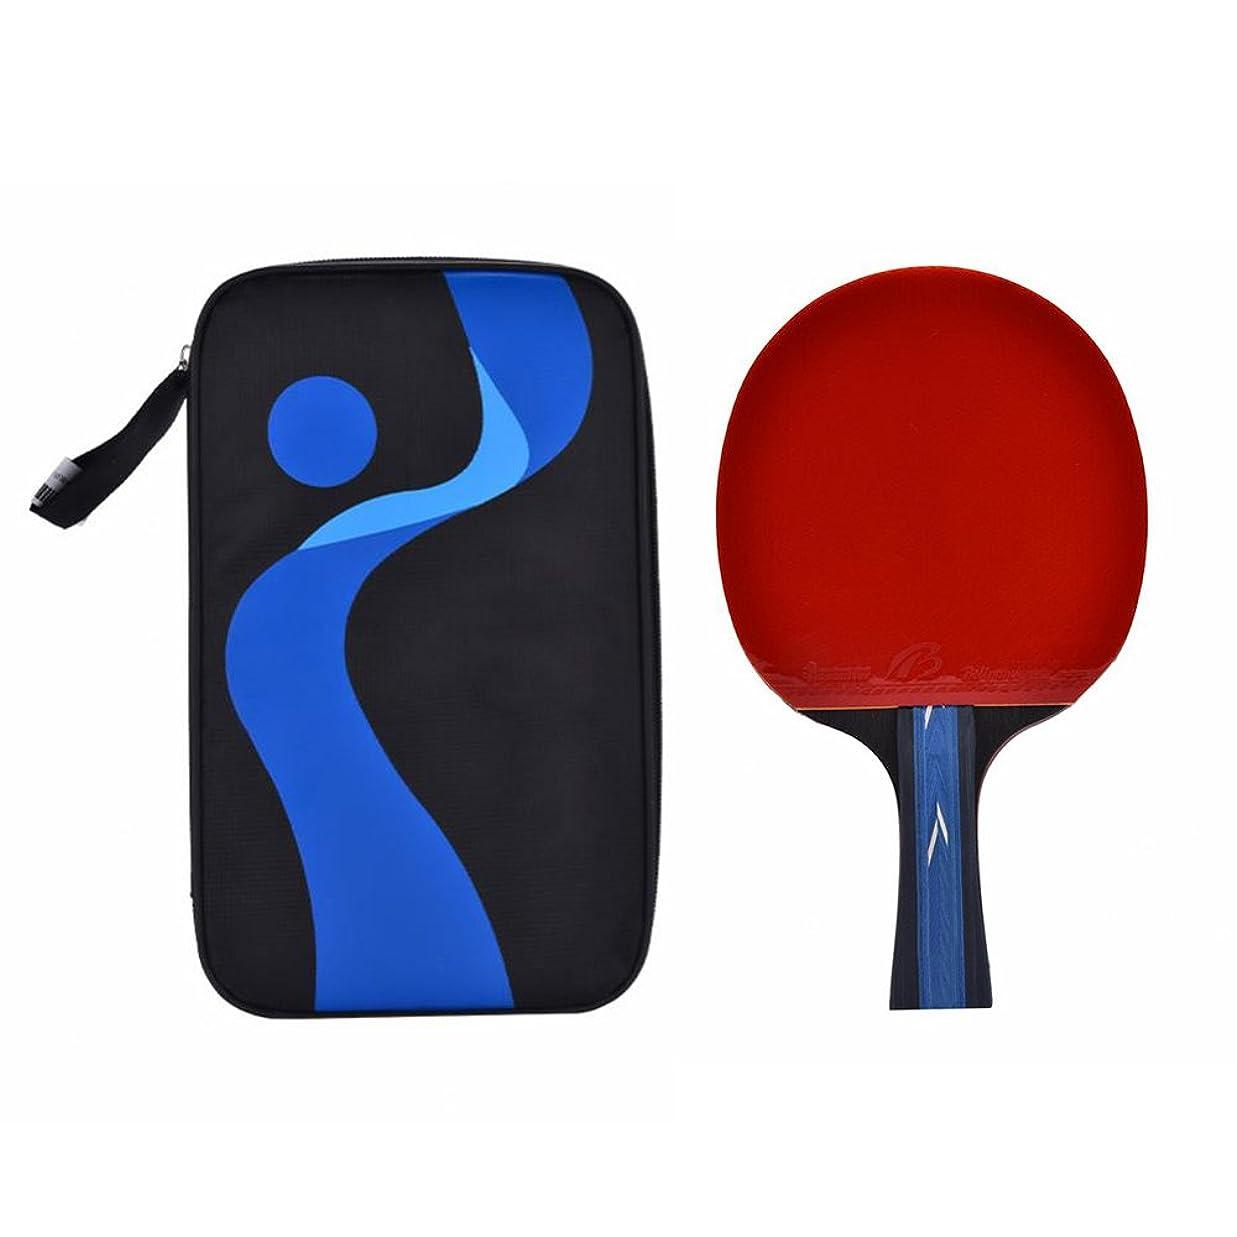 アサートマディソン酸化する卓球ラケット ラケット 卓球用 収納バッグ付き 競技専用 プロ 学生/運動者/素人/適用 ペンホルダーラケット/シェークハンドラケットを選択可能